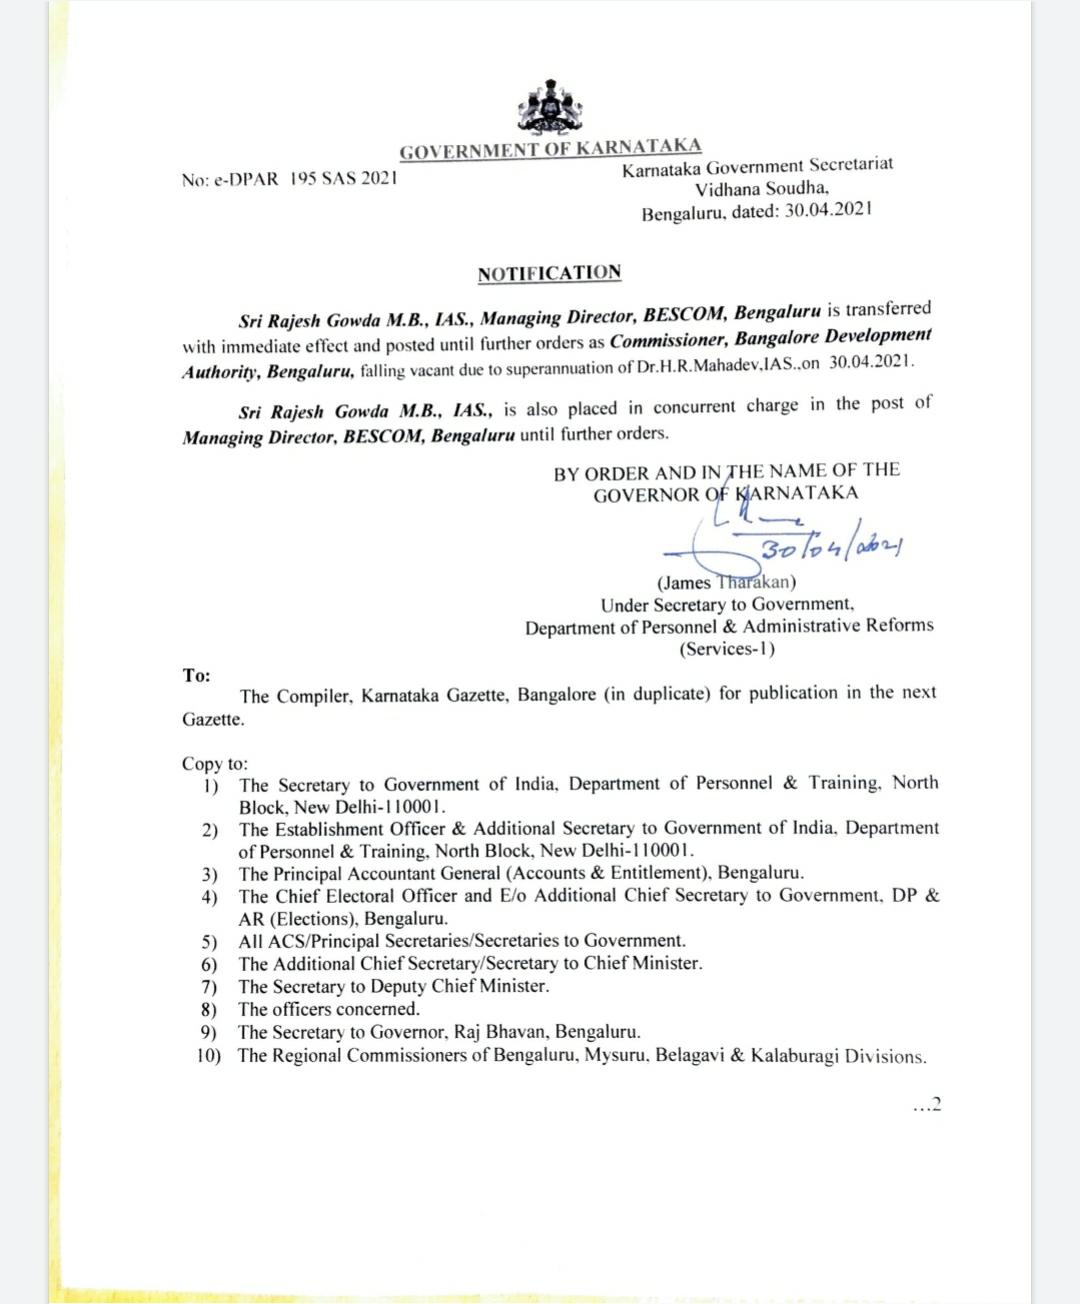 IAS Officer's transfer order